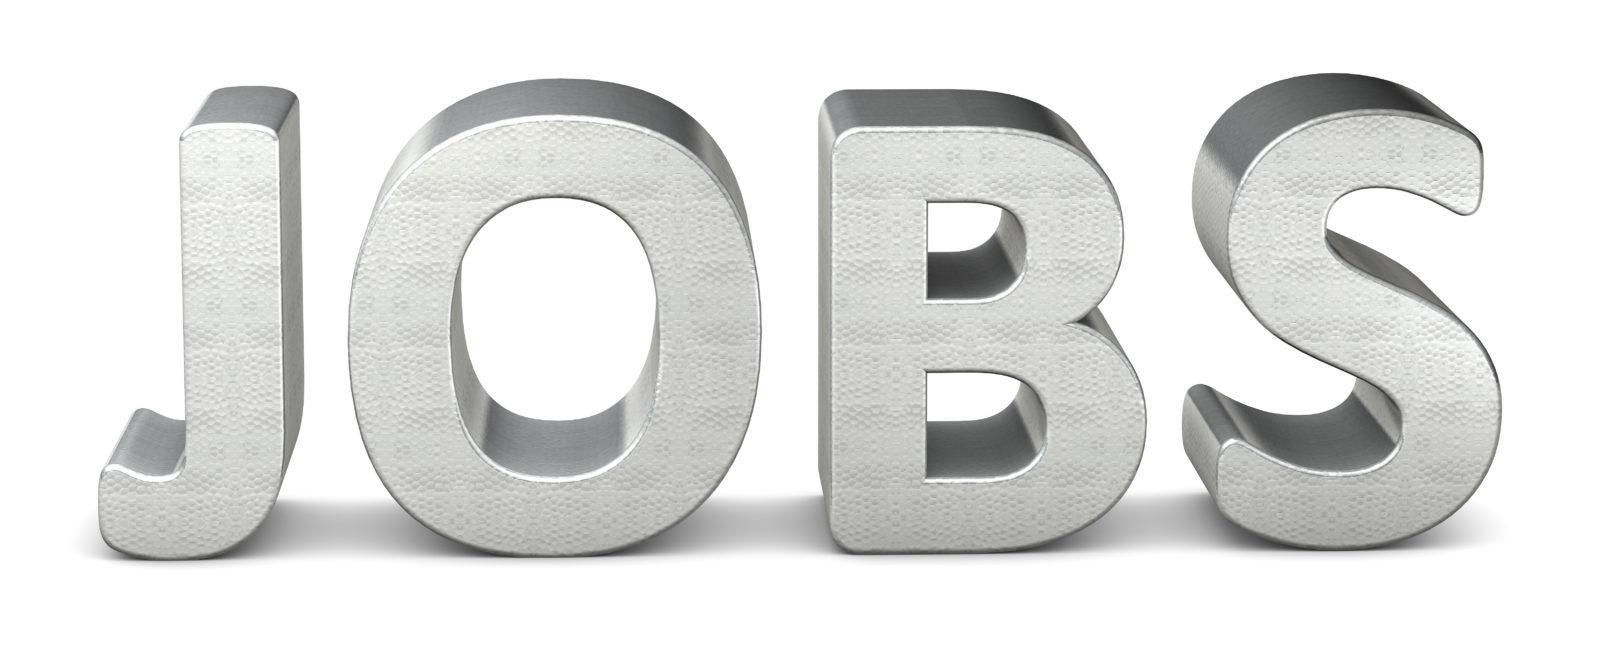 Une croissance soutenue de l'emploi malgré des perspectives incertaines